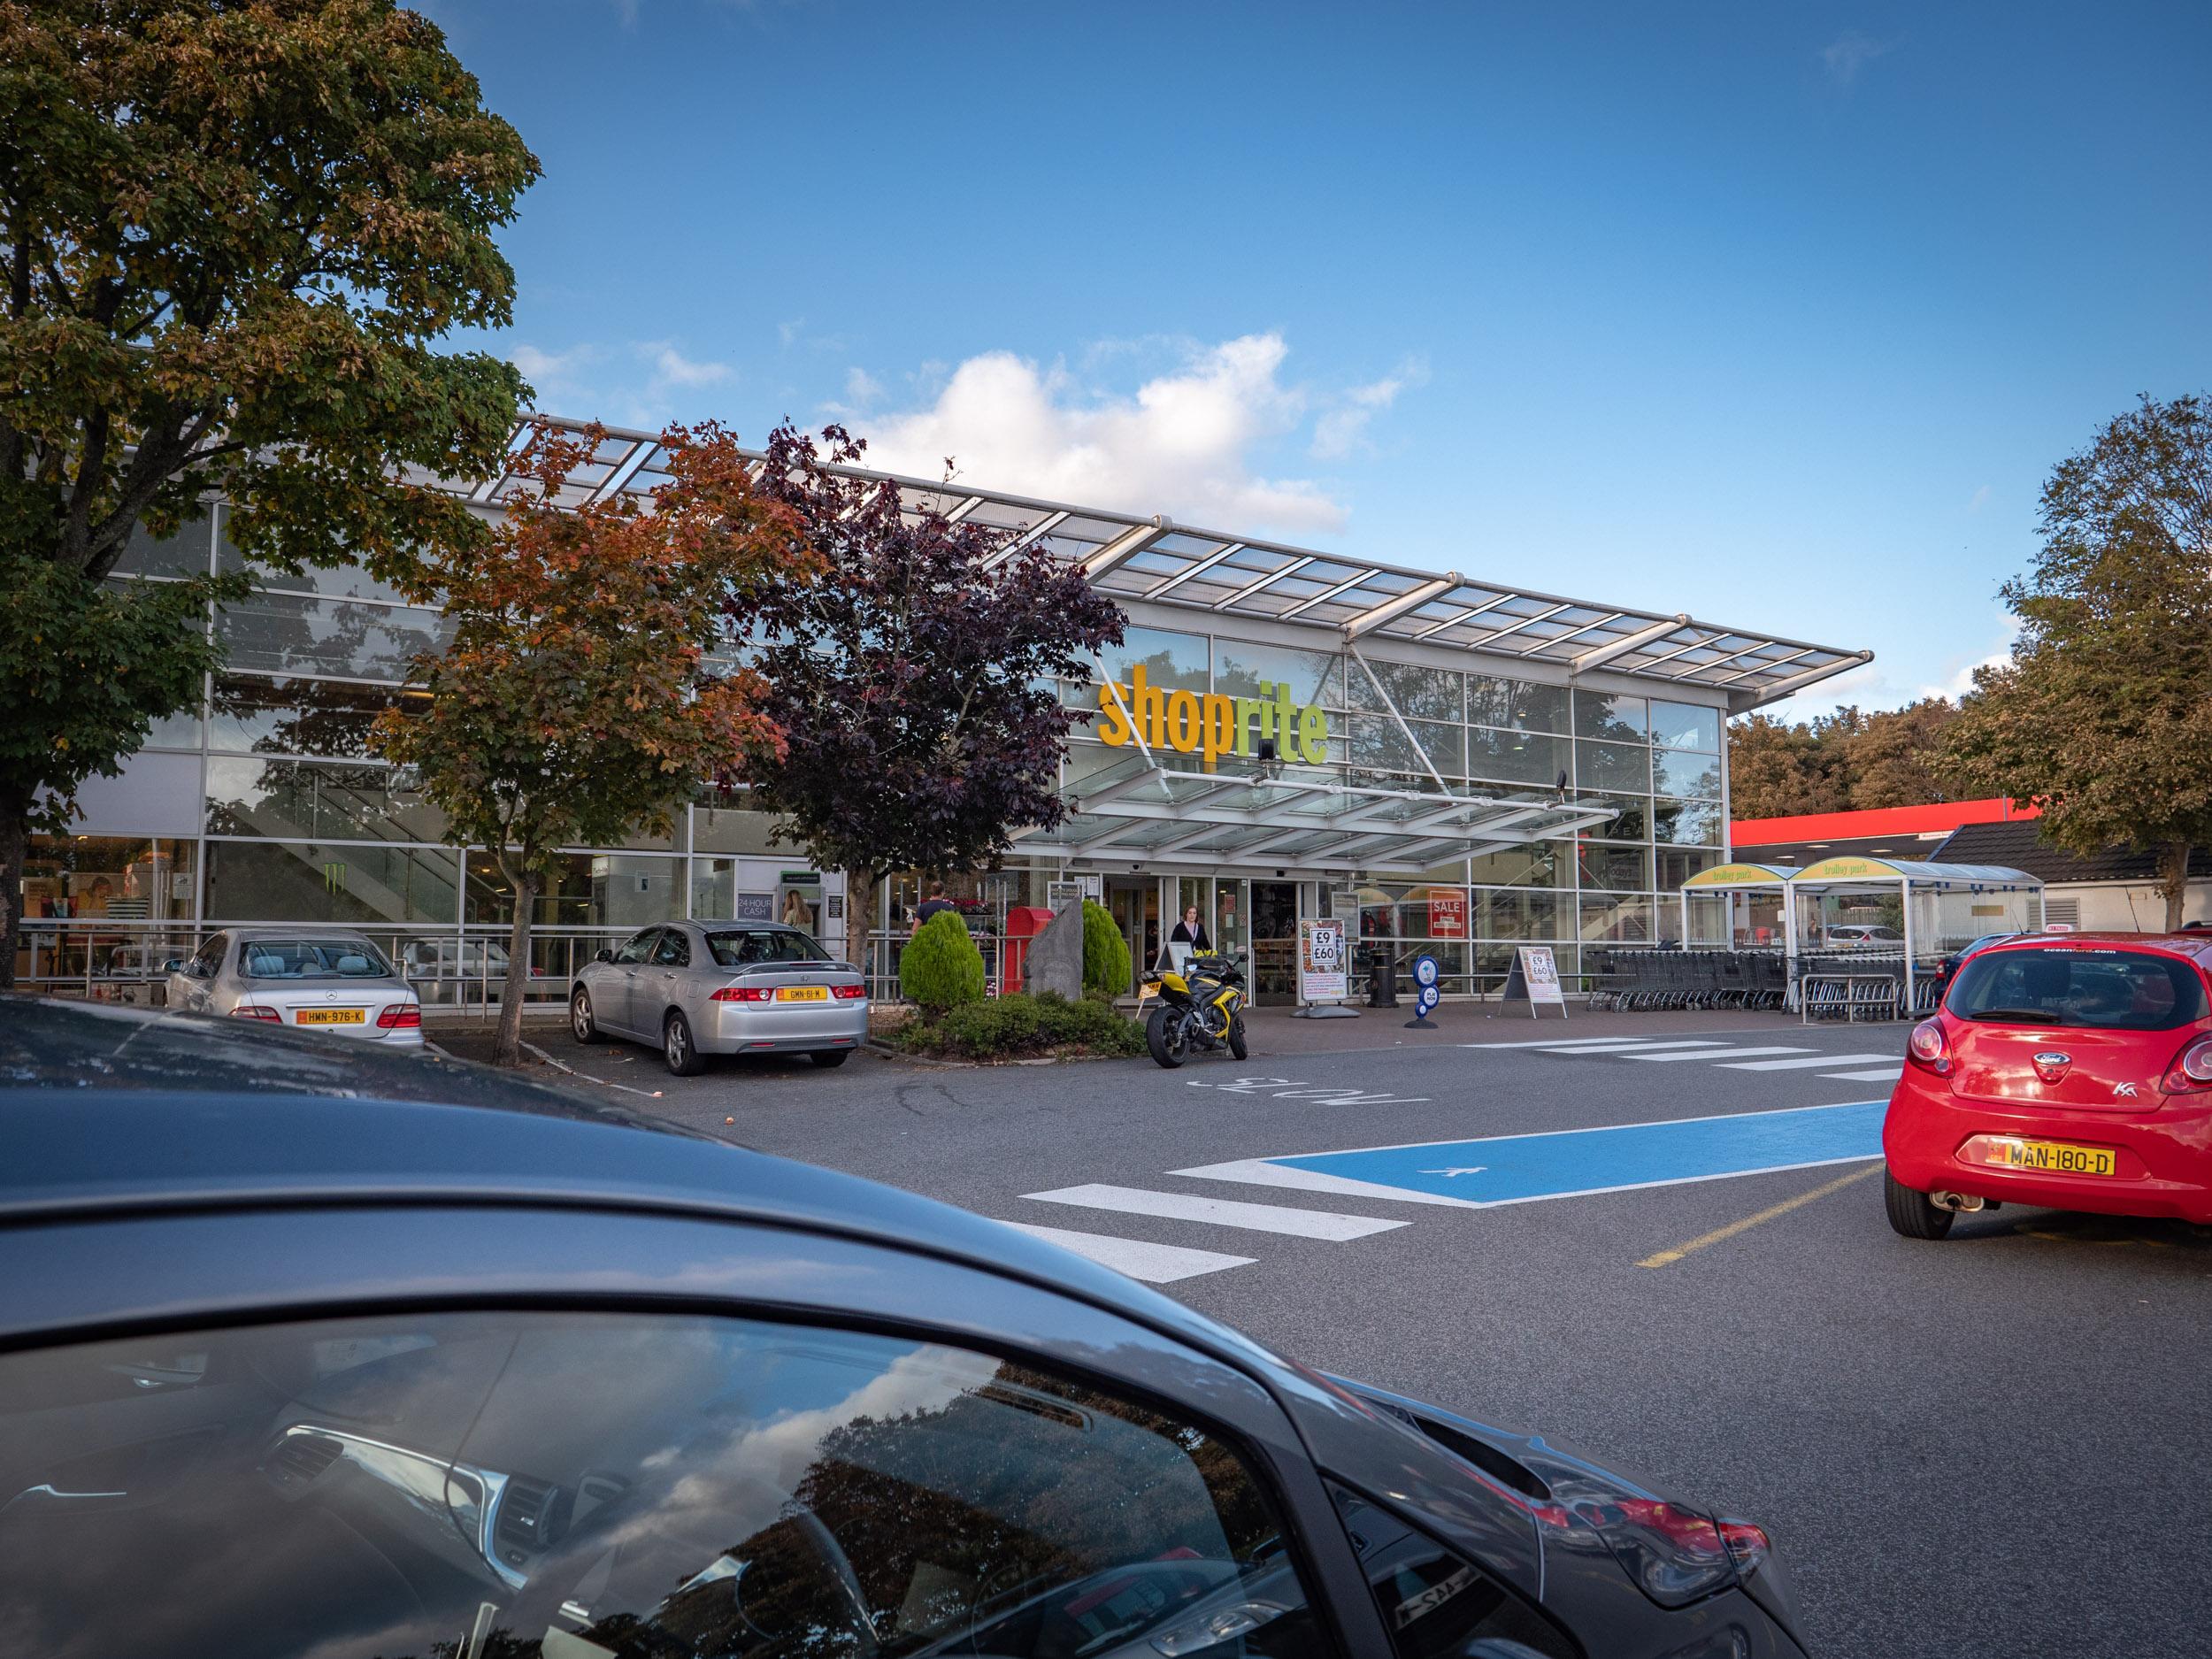 駐車場から見たShopriteの店舗 DMC-GX8 + LEICA DG 12-60mm